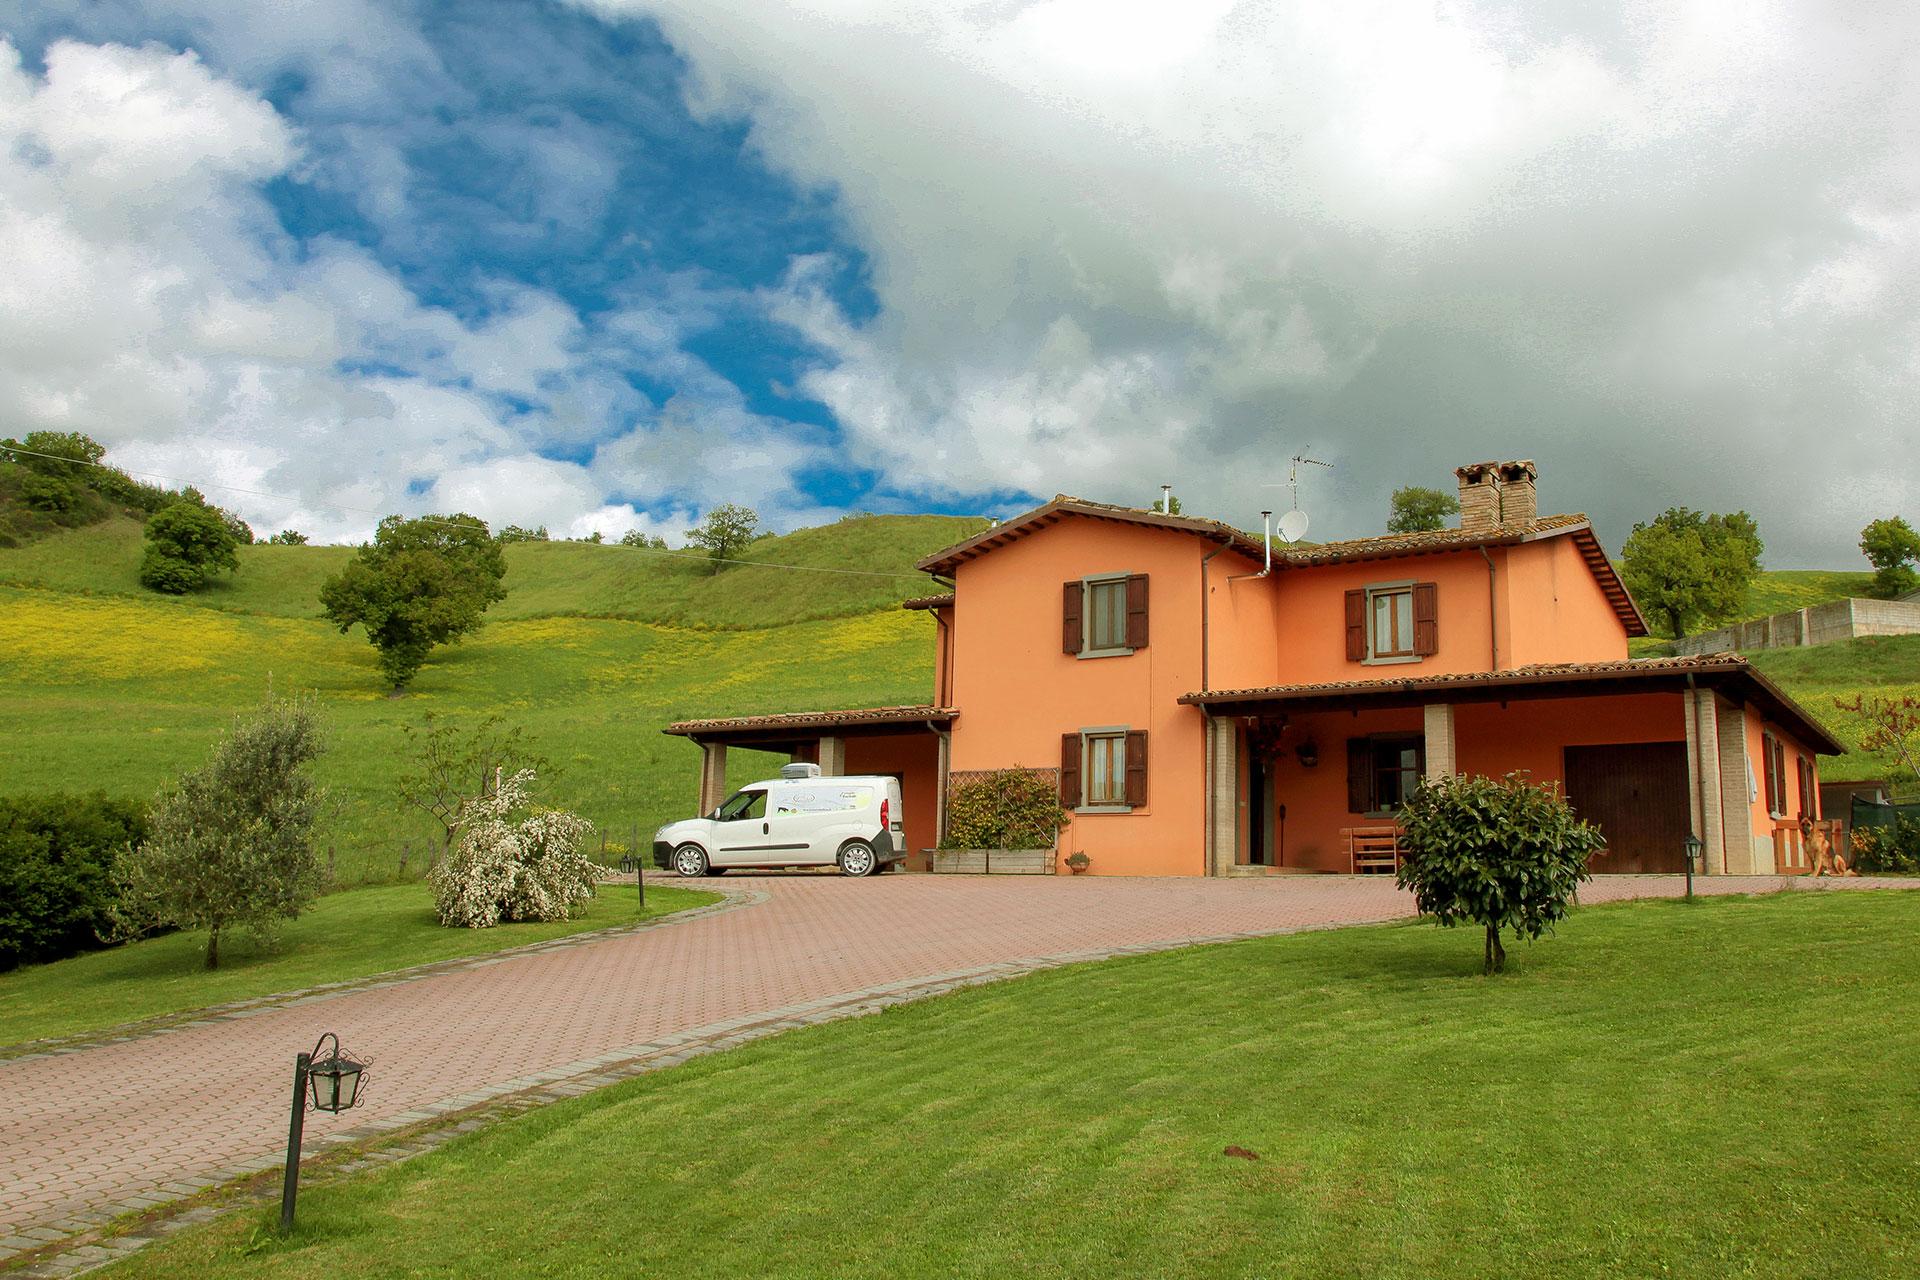 Azienda - Il Tartufeltro, Tartufi del Montefeltro di alta qualità